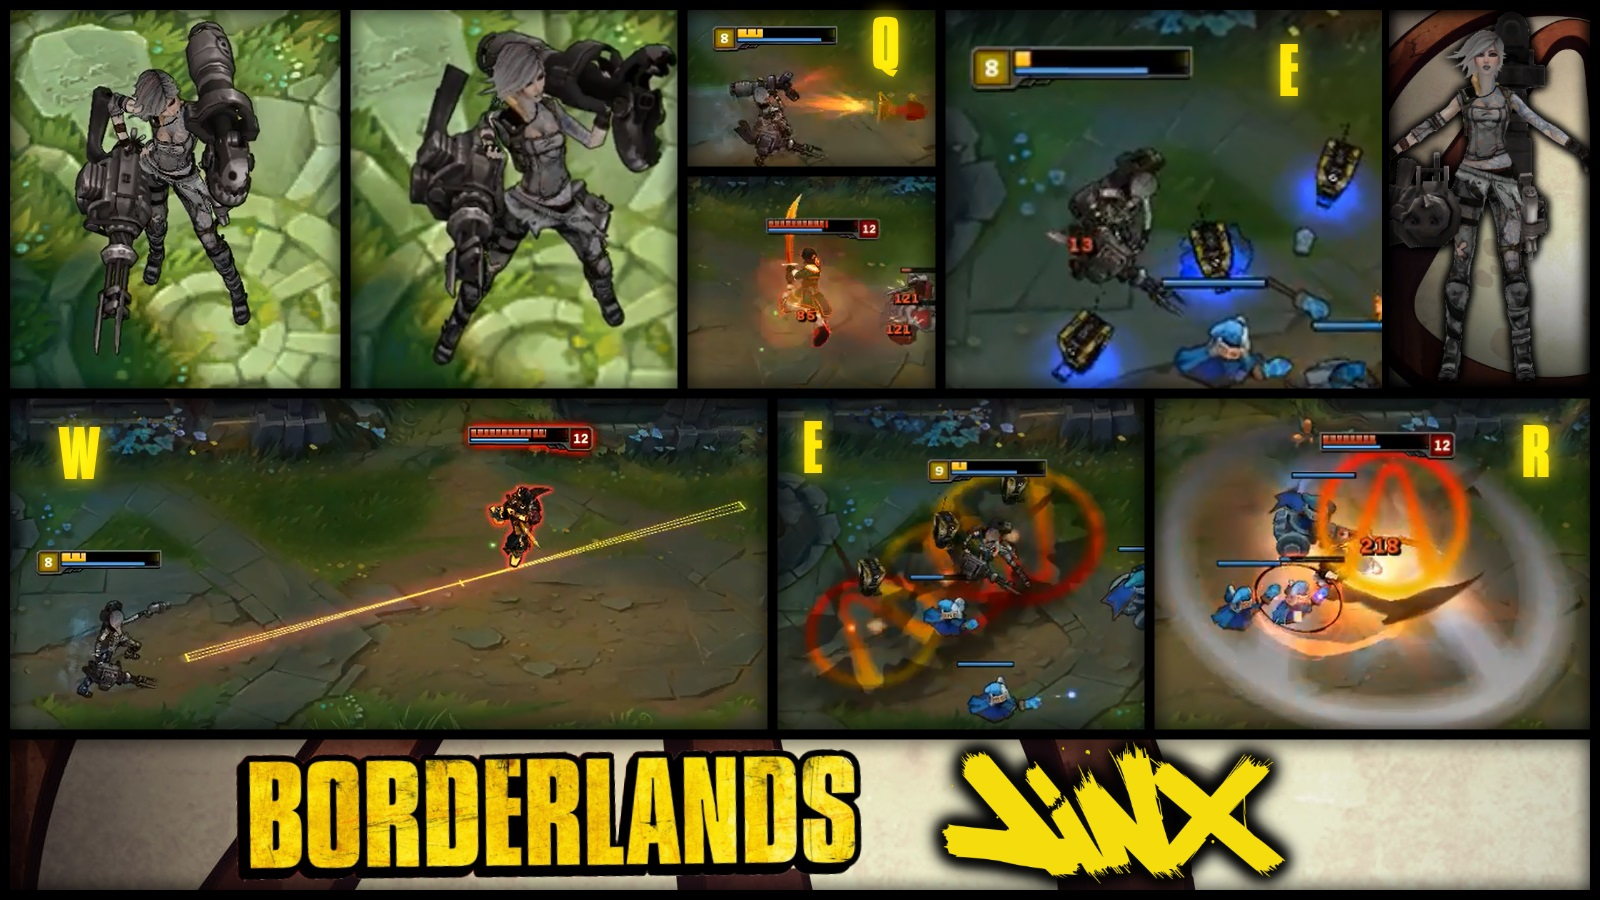 Borderlands Jinx